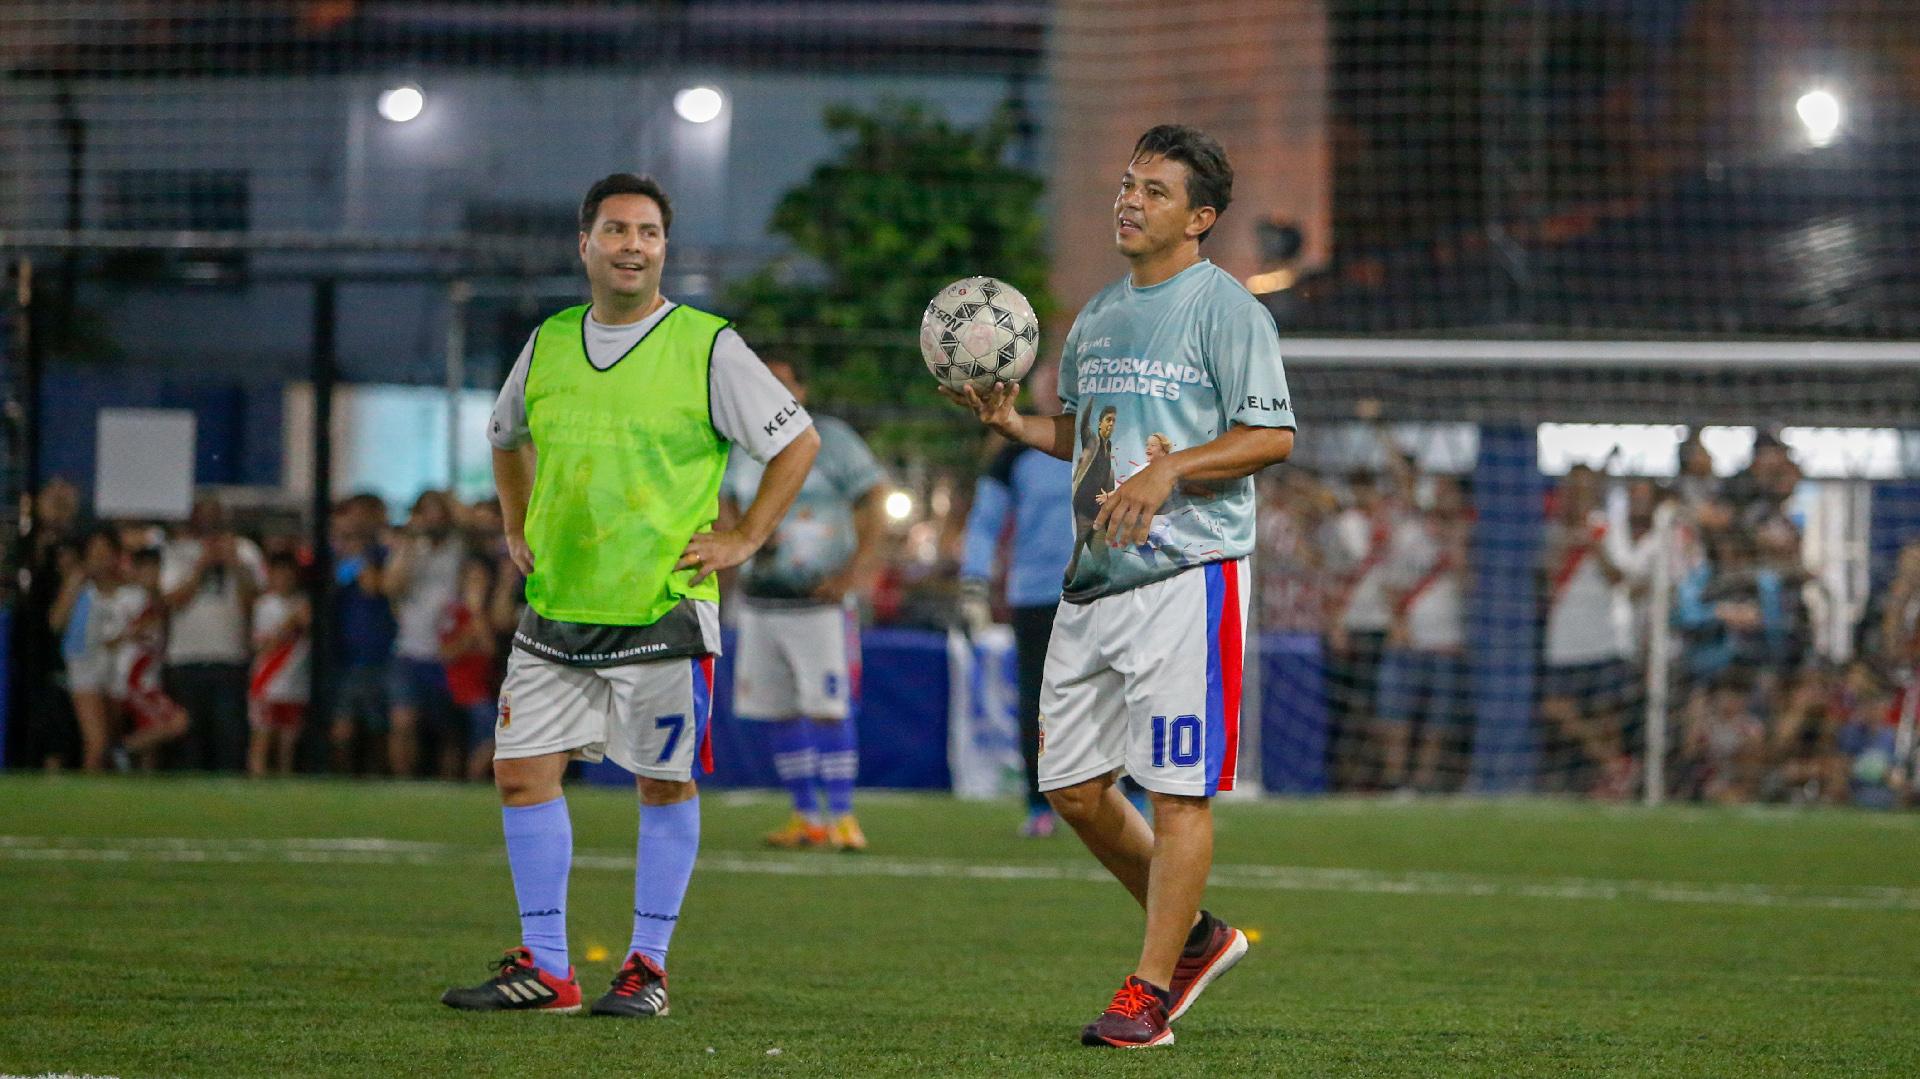 Y mostró varias muestras de su talento, como para que evalúe seriamente su inclusión en la formación de su River de cara a la segunda Superfinal de la Copa Libertadores ante Boca, pautada para el sábado 24 en el Monumental